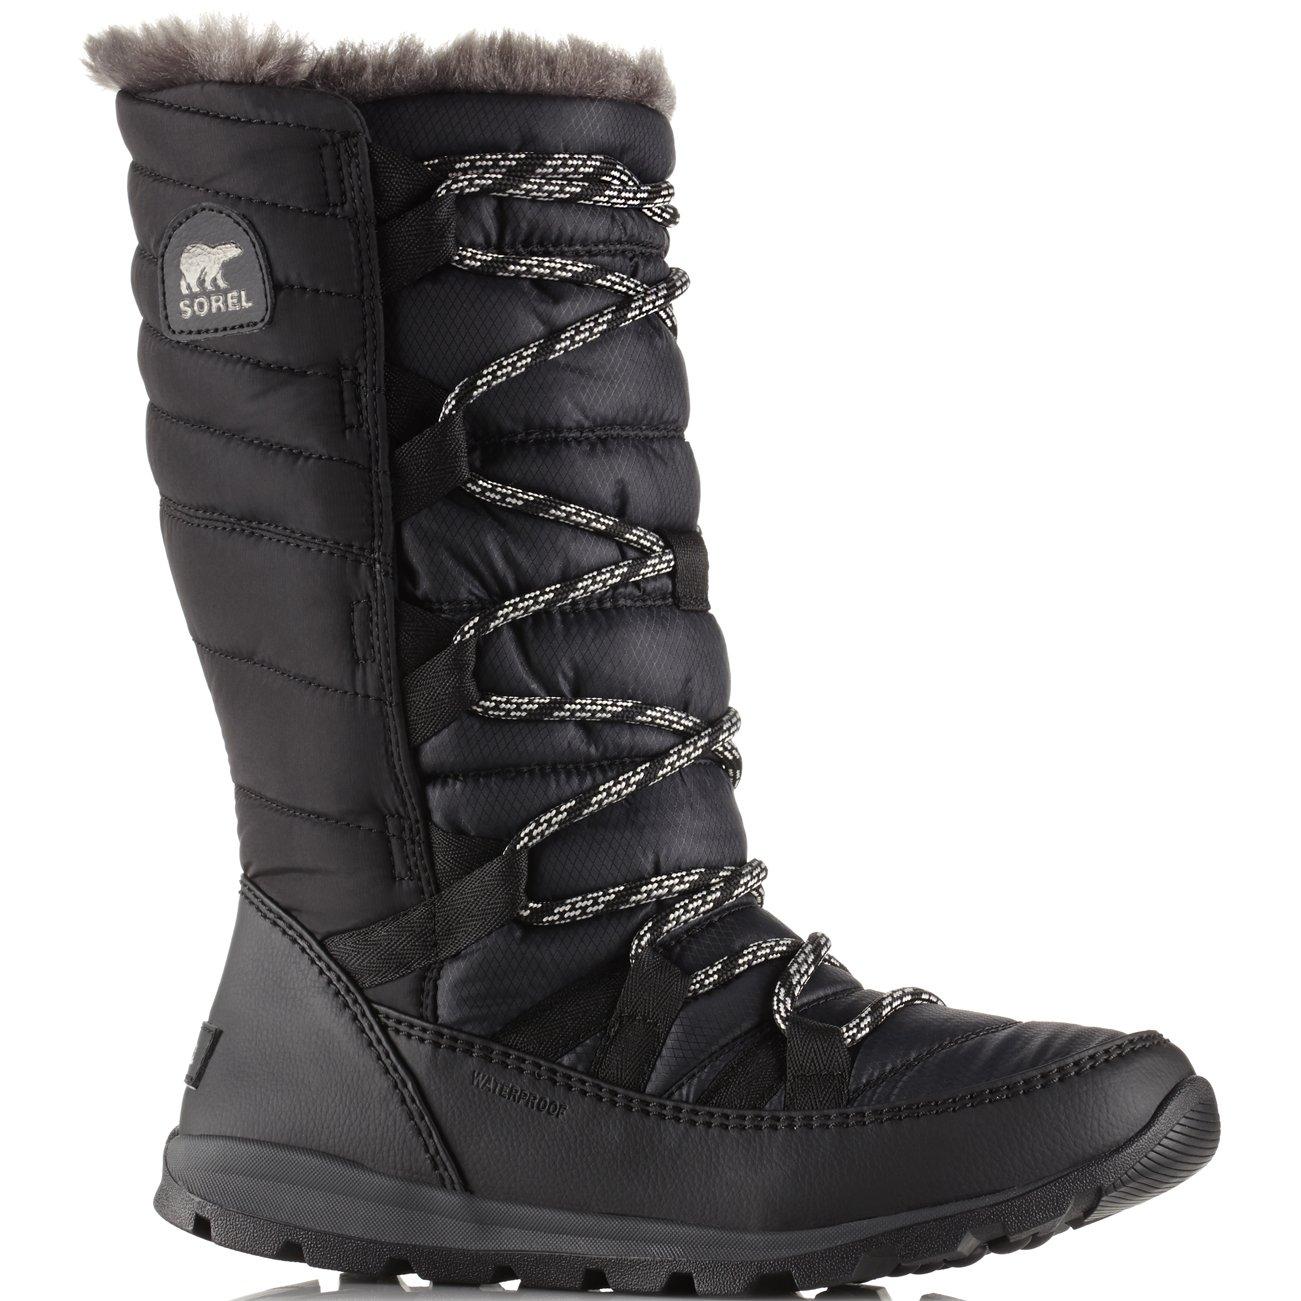 Sorel Women's Whitney Lace Waterproof Winter Boot Black 10 M US by SOREL